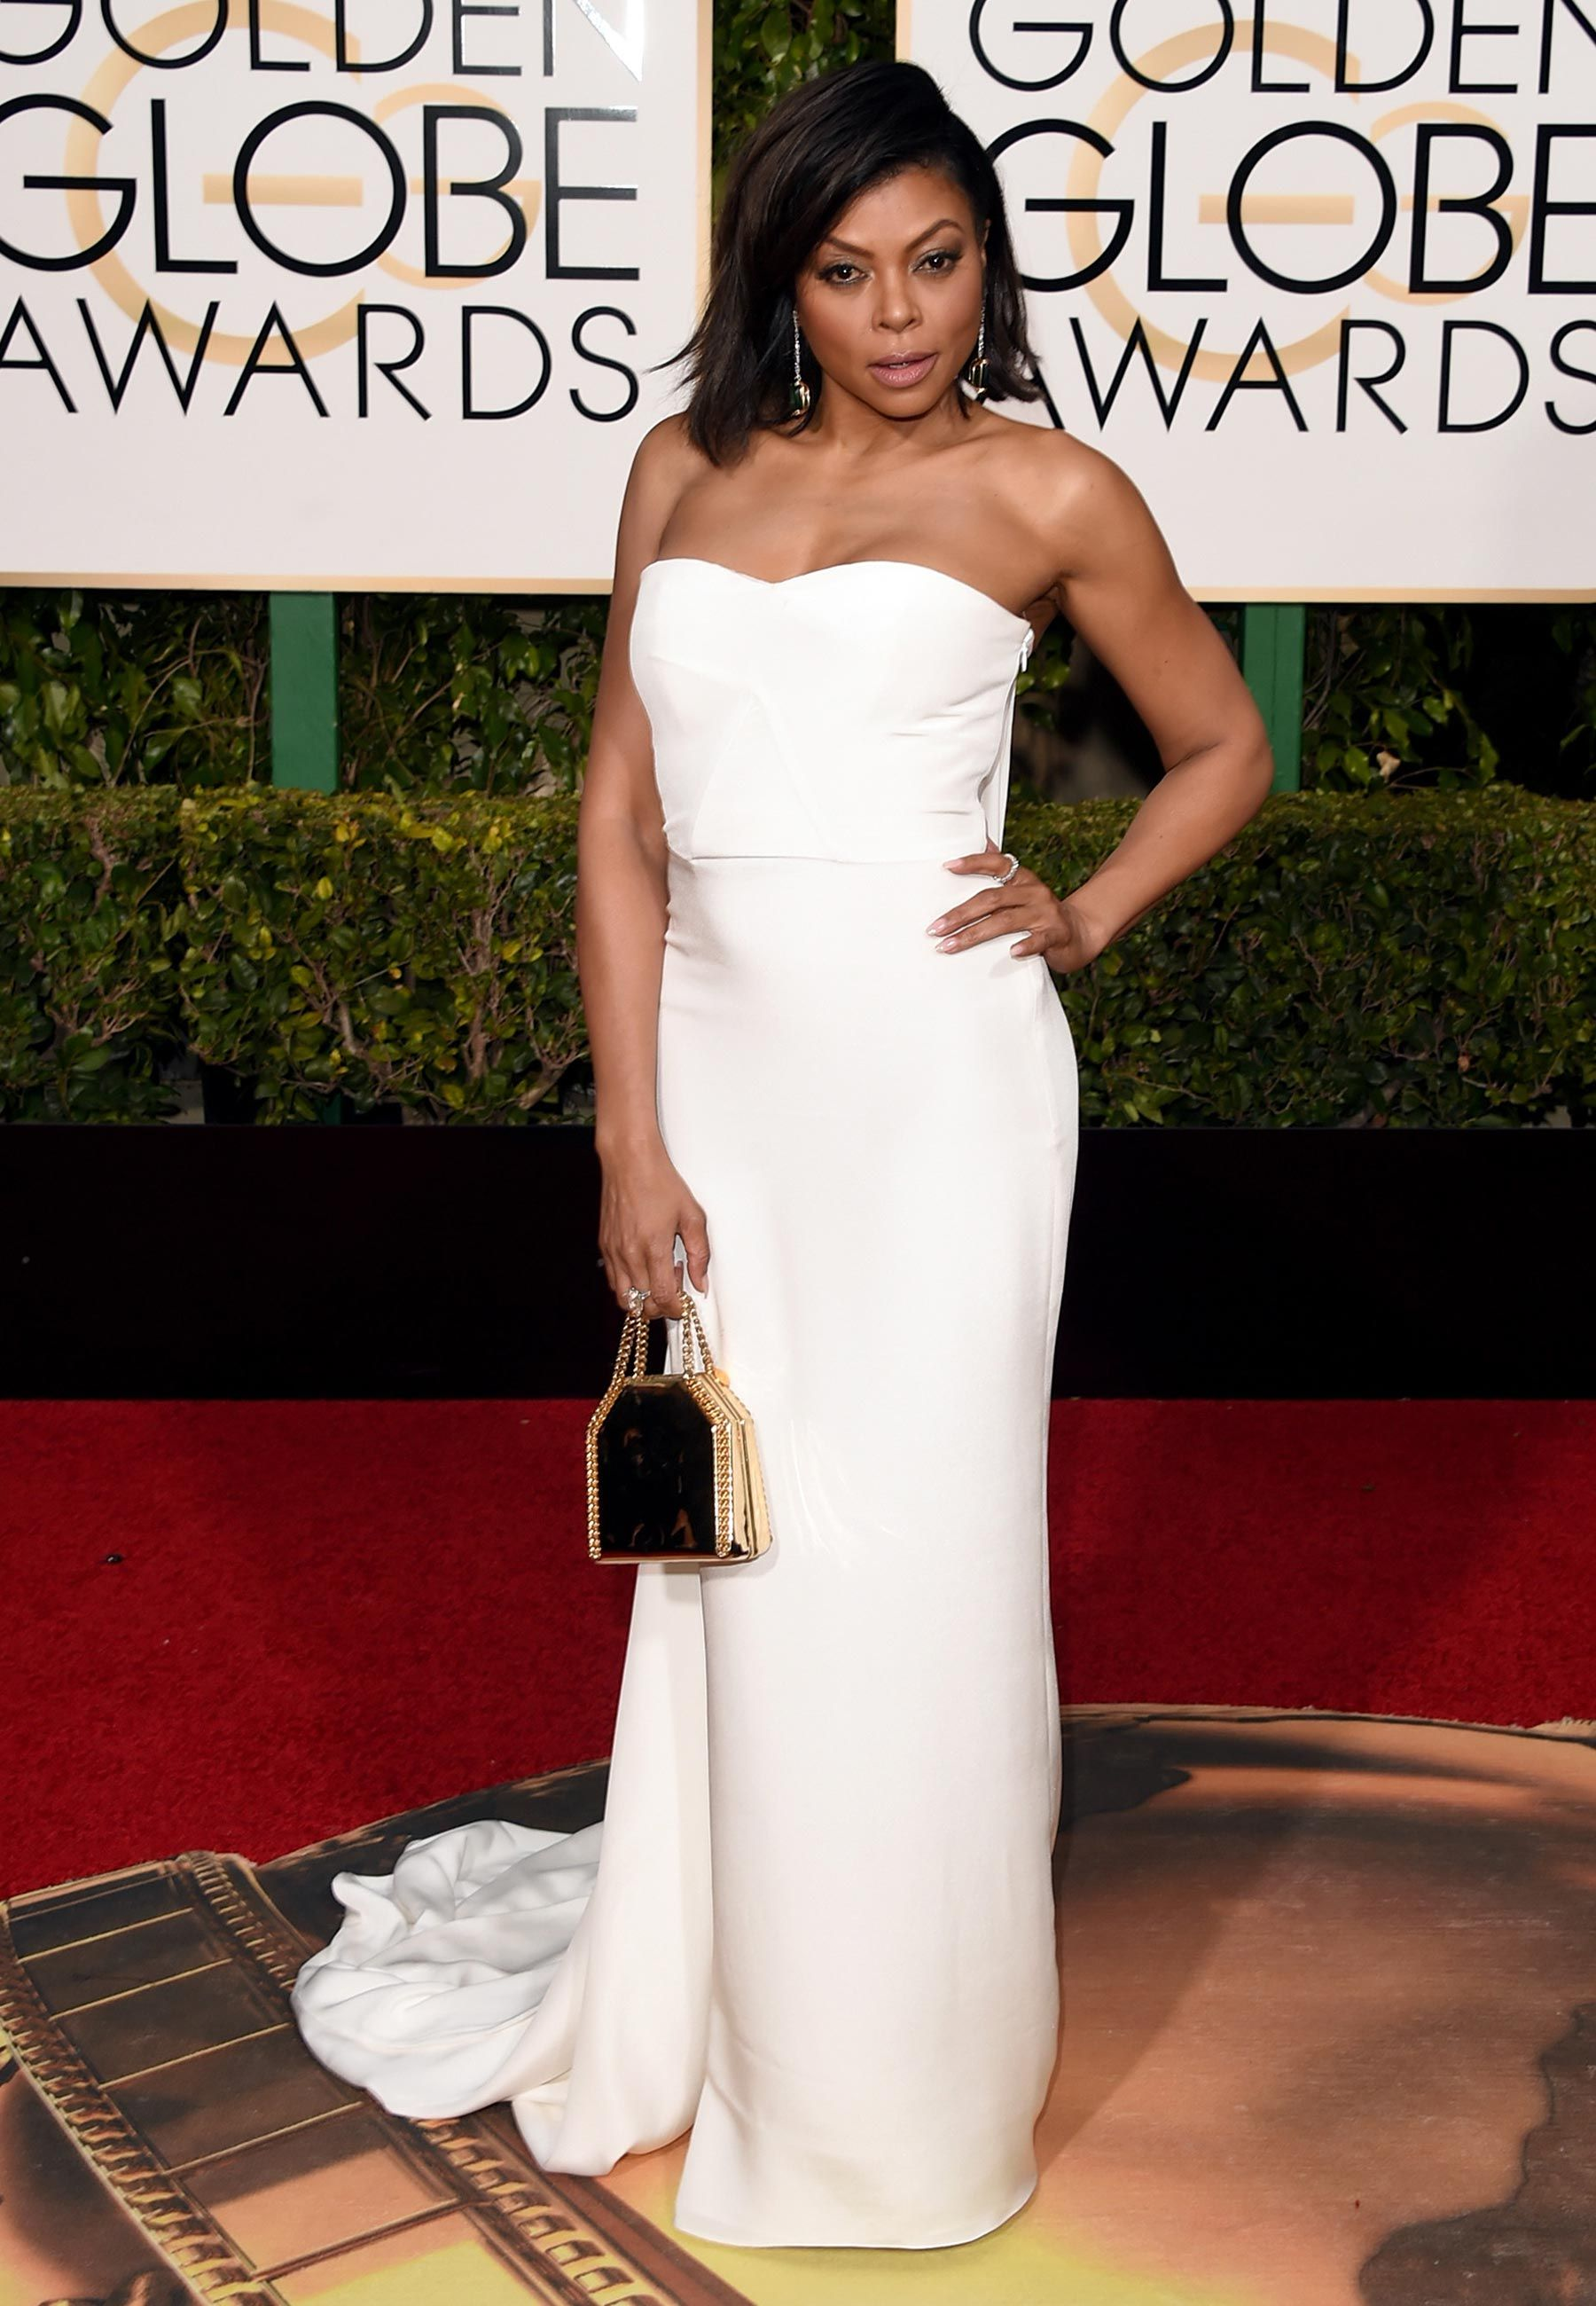 Vestidos do tapete vermelho do Golden Globe Awards 2016 | Globo de ouro ...